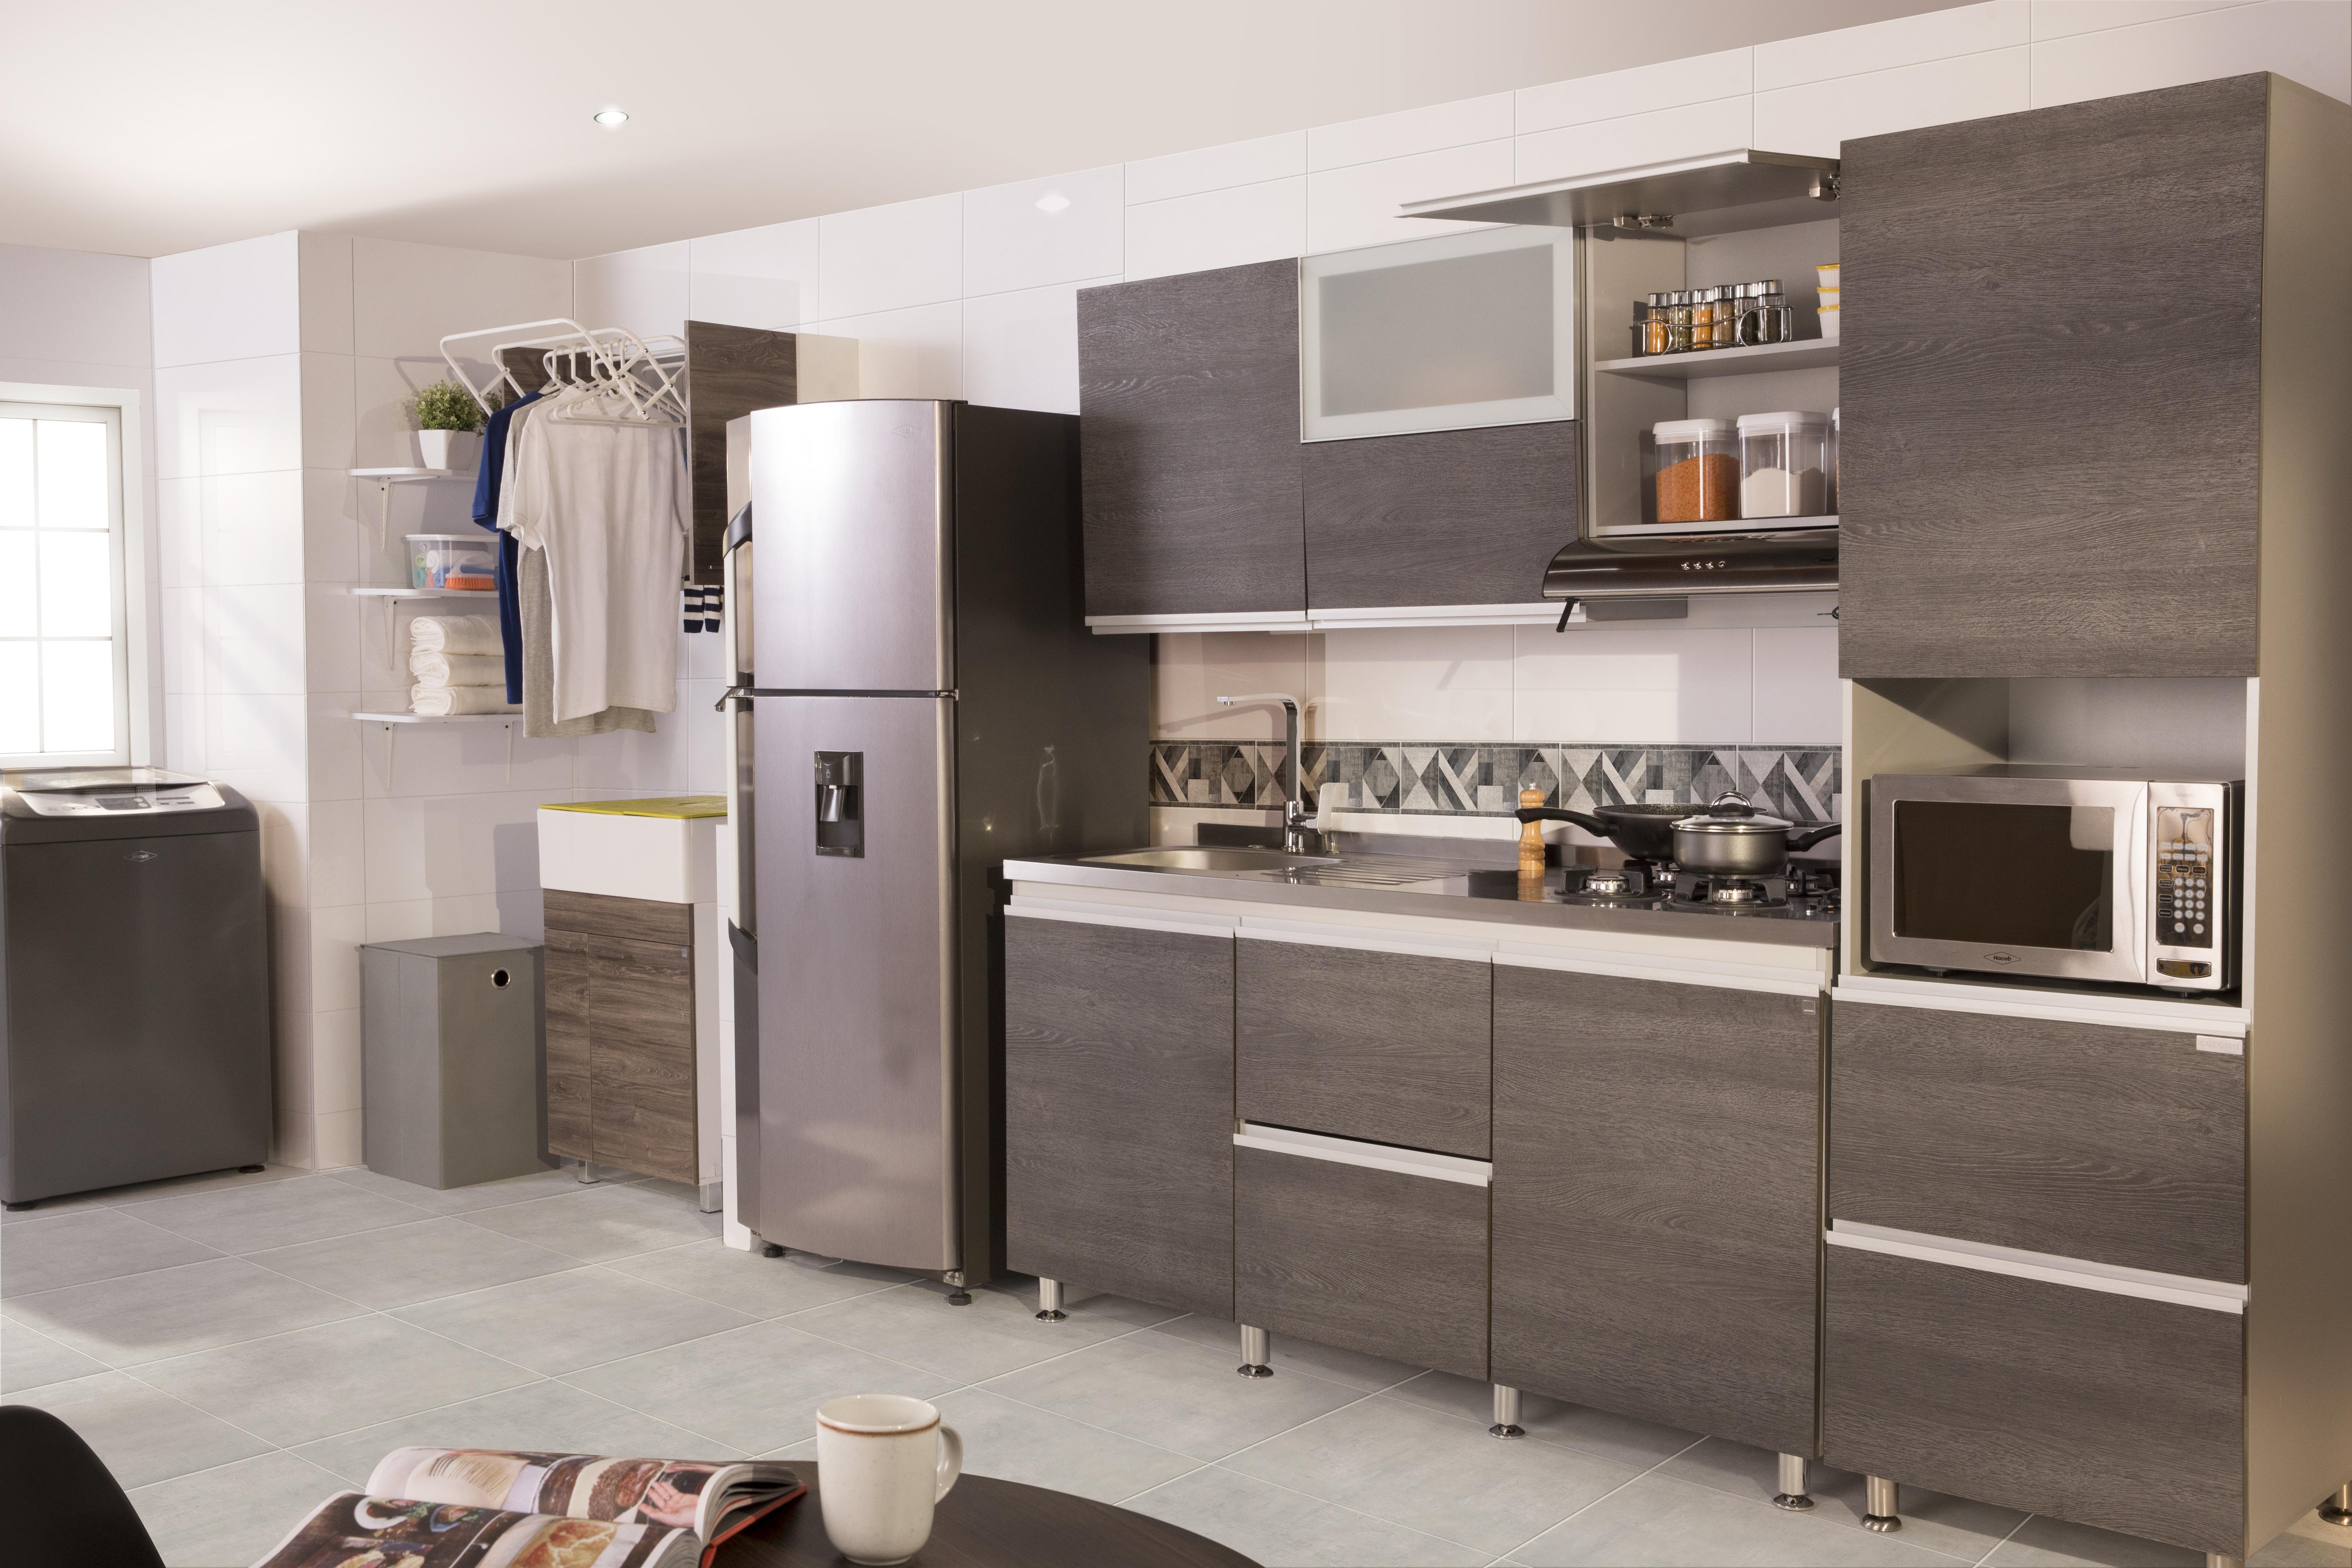 Area de lavanderia areacaribe for Cocina moderna y equipada